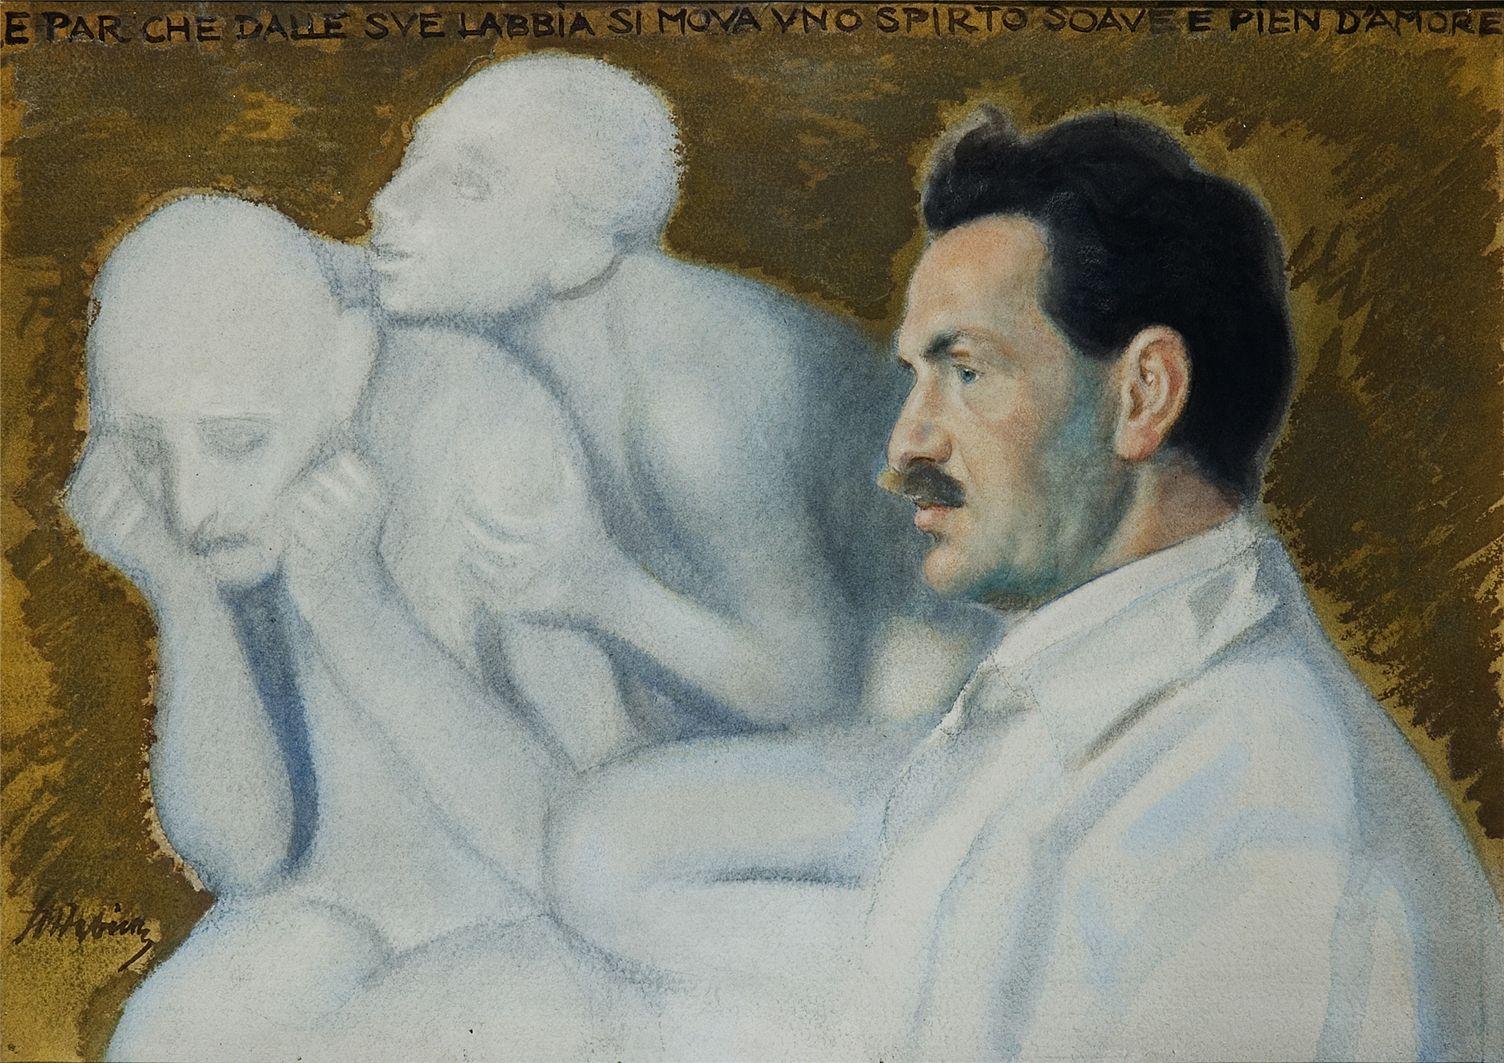 Станіслав-МечиславДембіцький. Портрет лікаря, 1920; папір, акварель; MSL